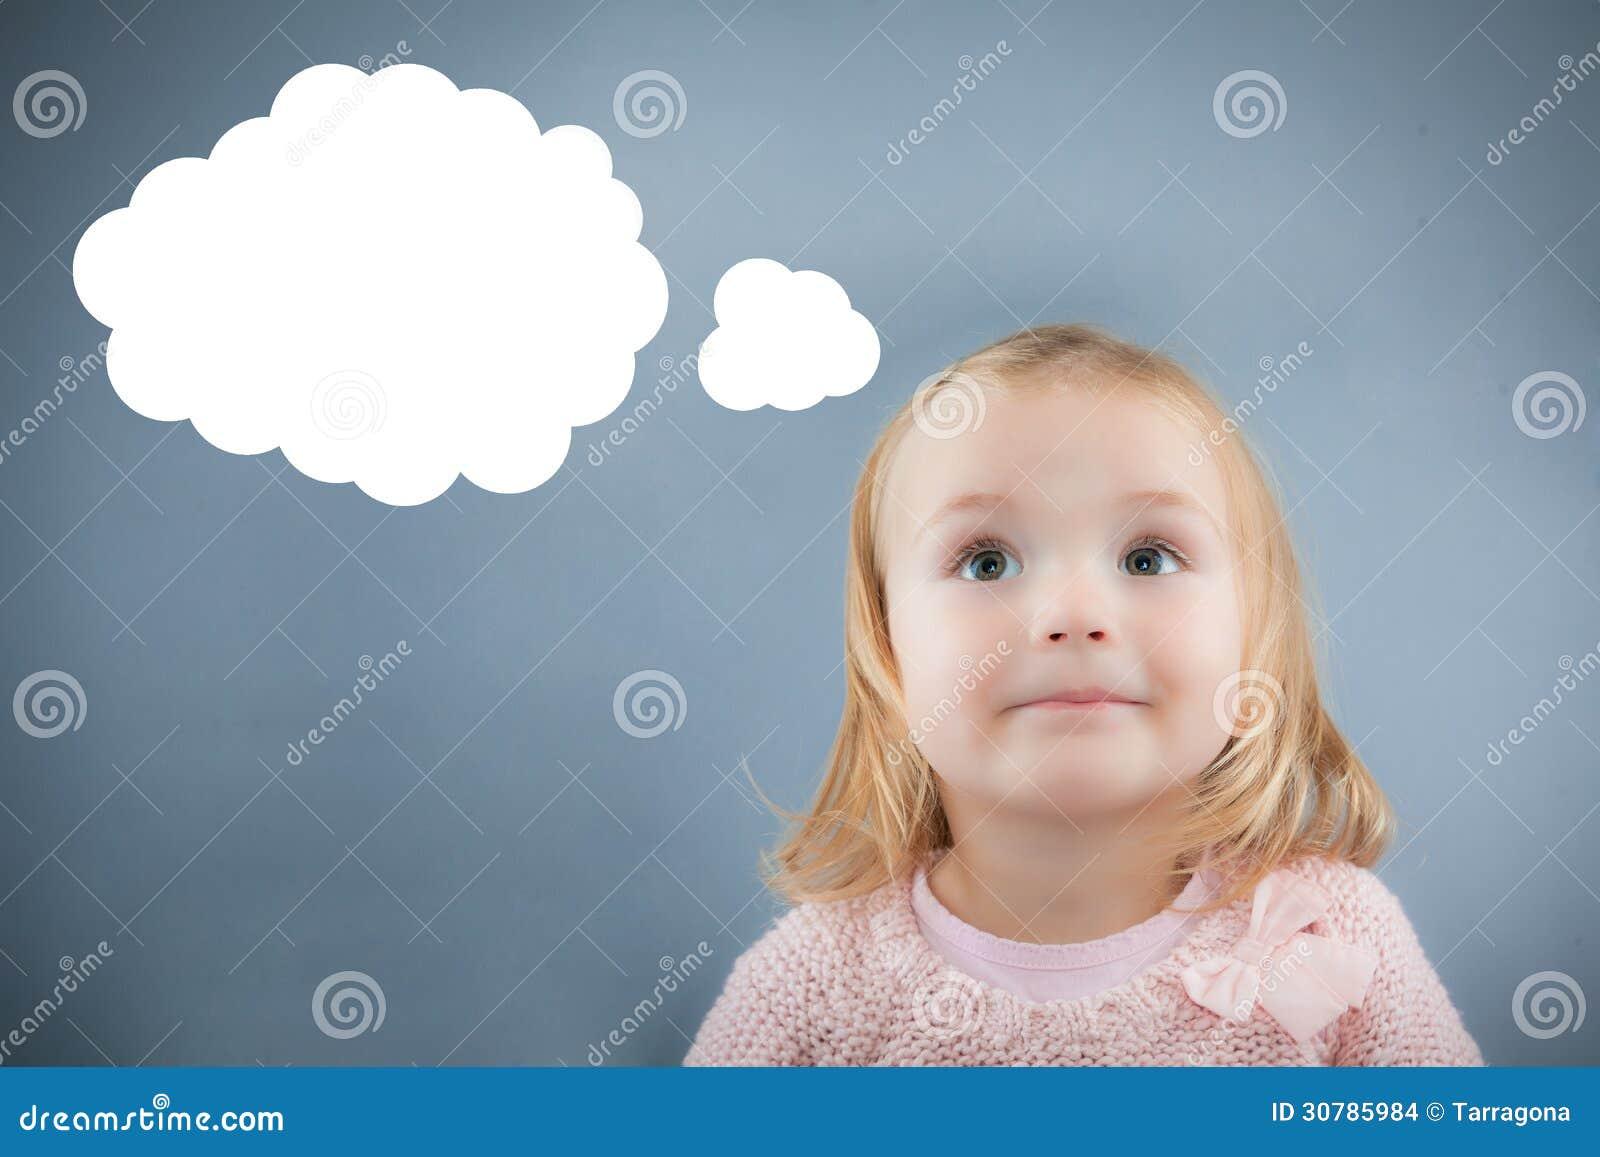 Idee denkend kind stock afbeeldingen afbeelding 30785984 - Baby meisje idee ...